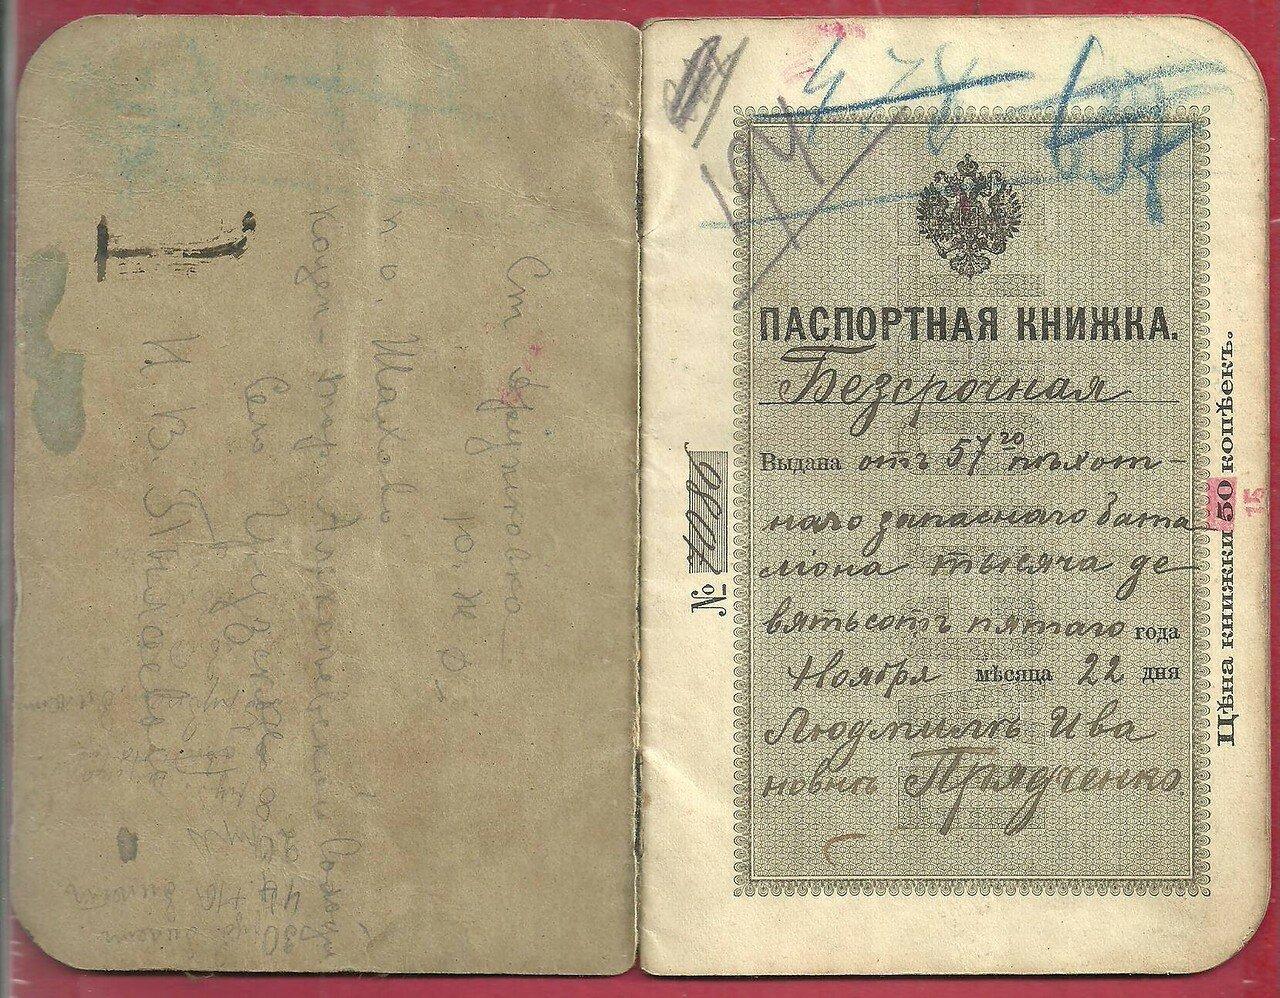 01. Паспортная книжка на имя Людмилы Ивановны Прядченко, выданная в ноябре 1905 года